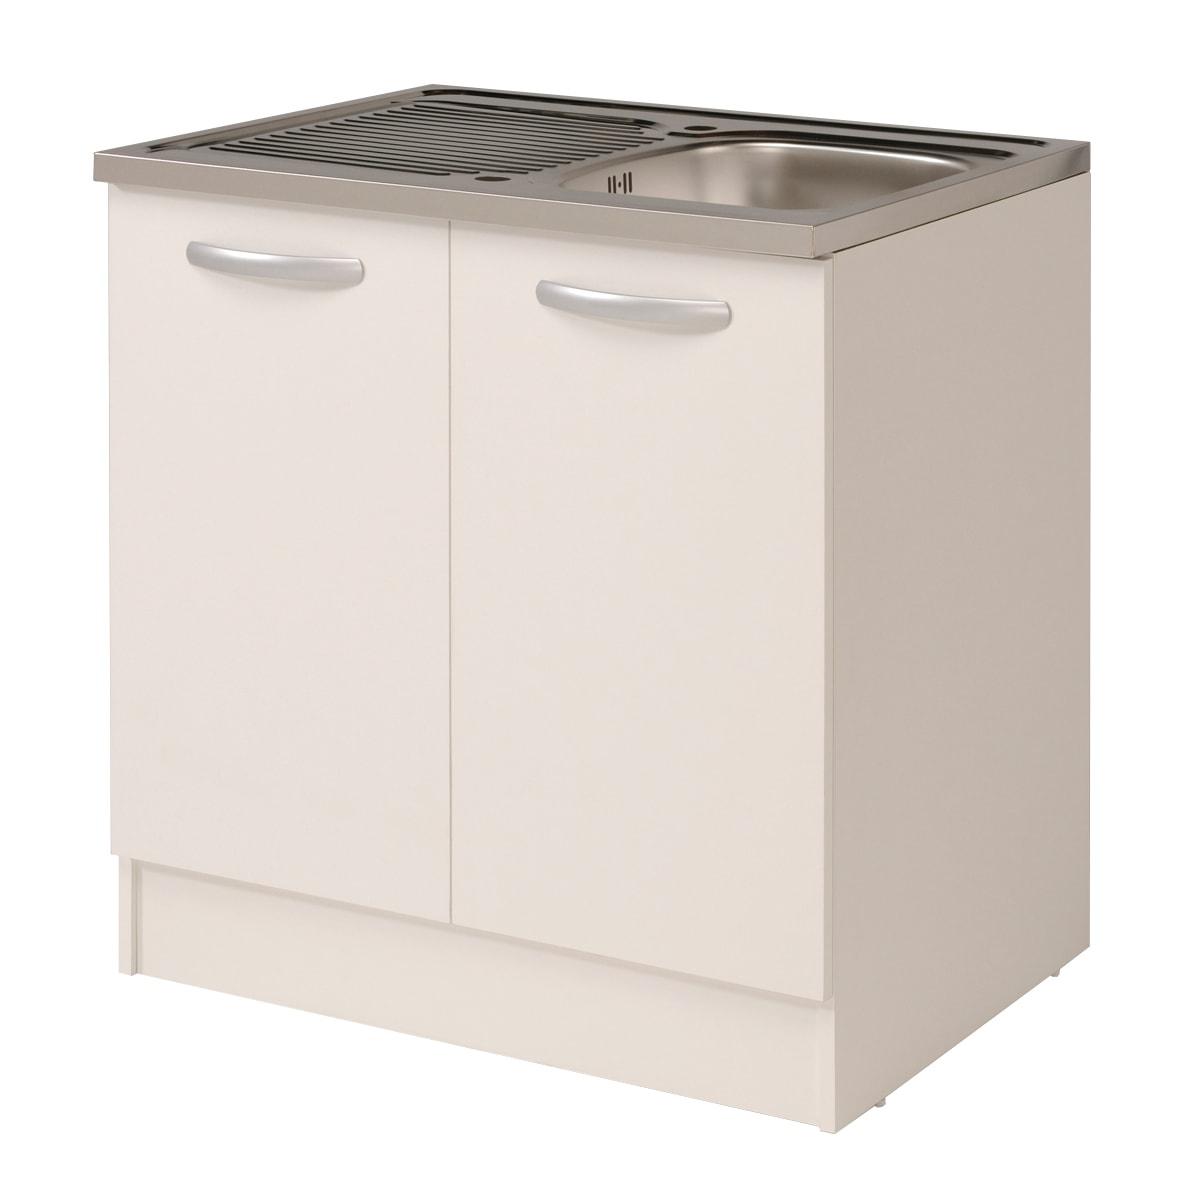 Mobile Per Lavabo Cucina base spring bianco l 80 x h 86 x p 60 cm